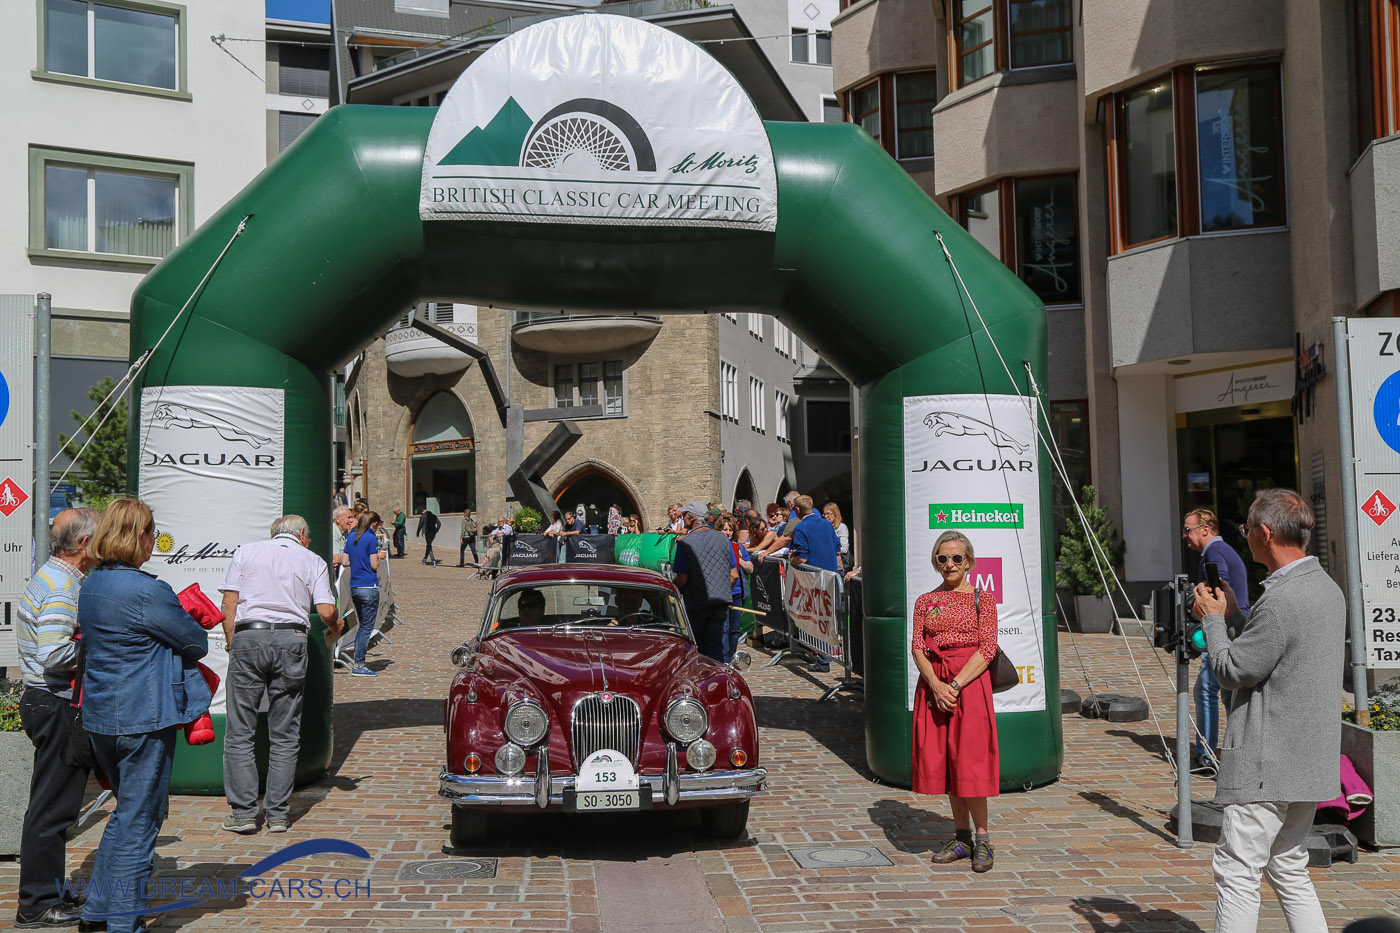 BCCM - British Classic Car Meeting St. Moritz, 5. bis 8. Juli 2018. Zielankunft am Samstag in der Fussgängerzone von St. Moritz